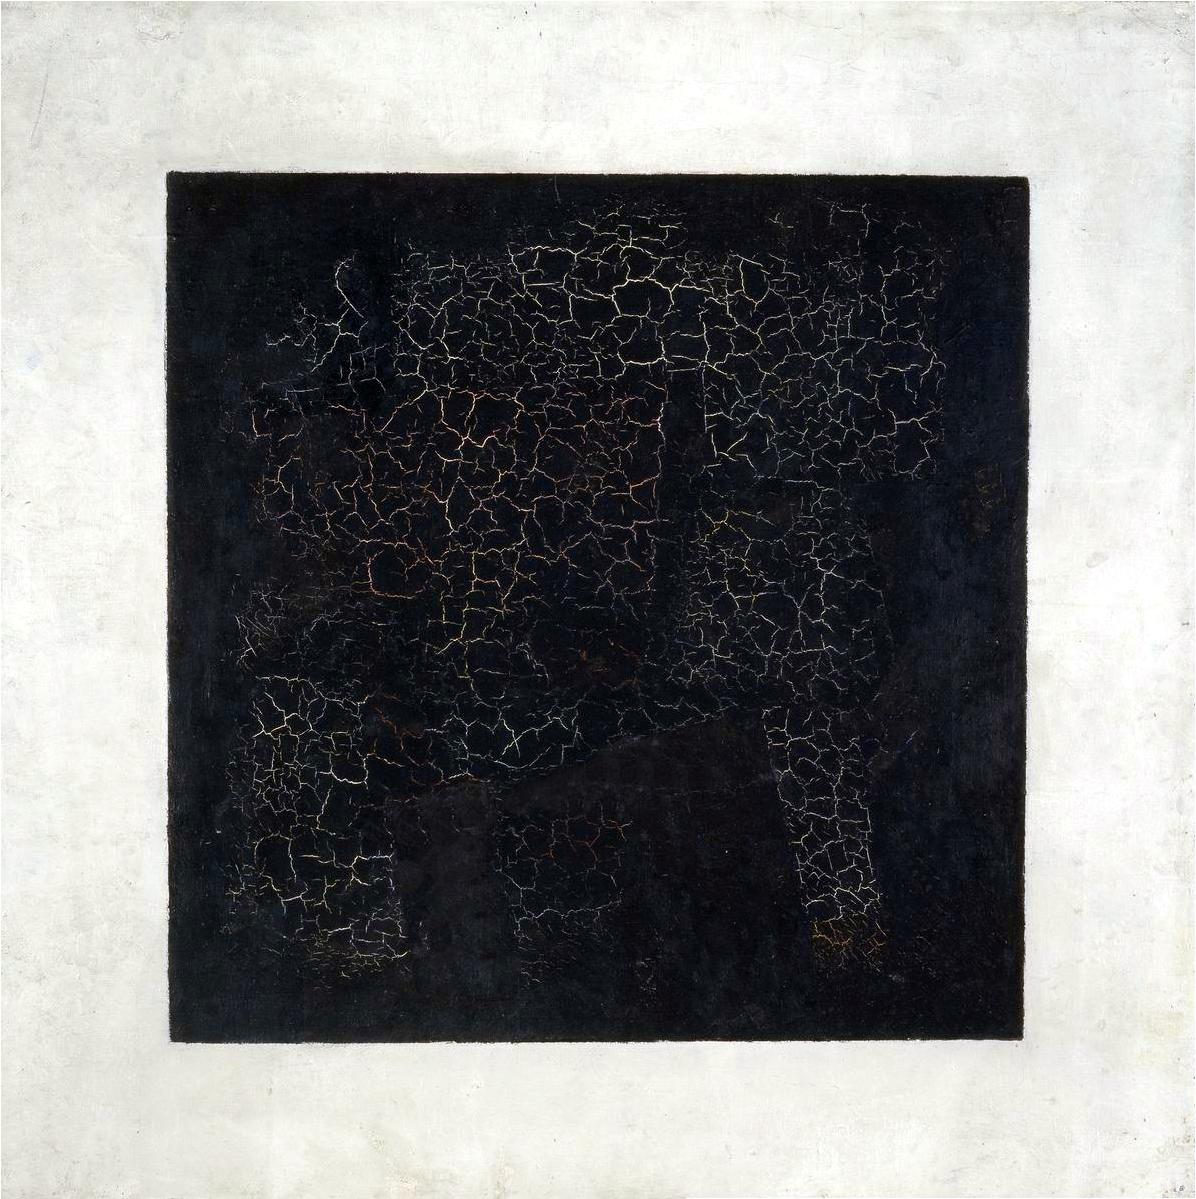 Казимир Малевич. Черный квадрат. 1915 г. Государственная Третьяковская галерея, Москва